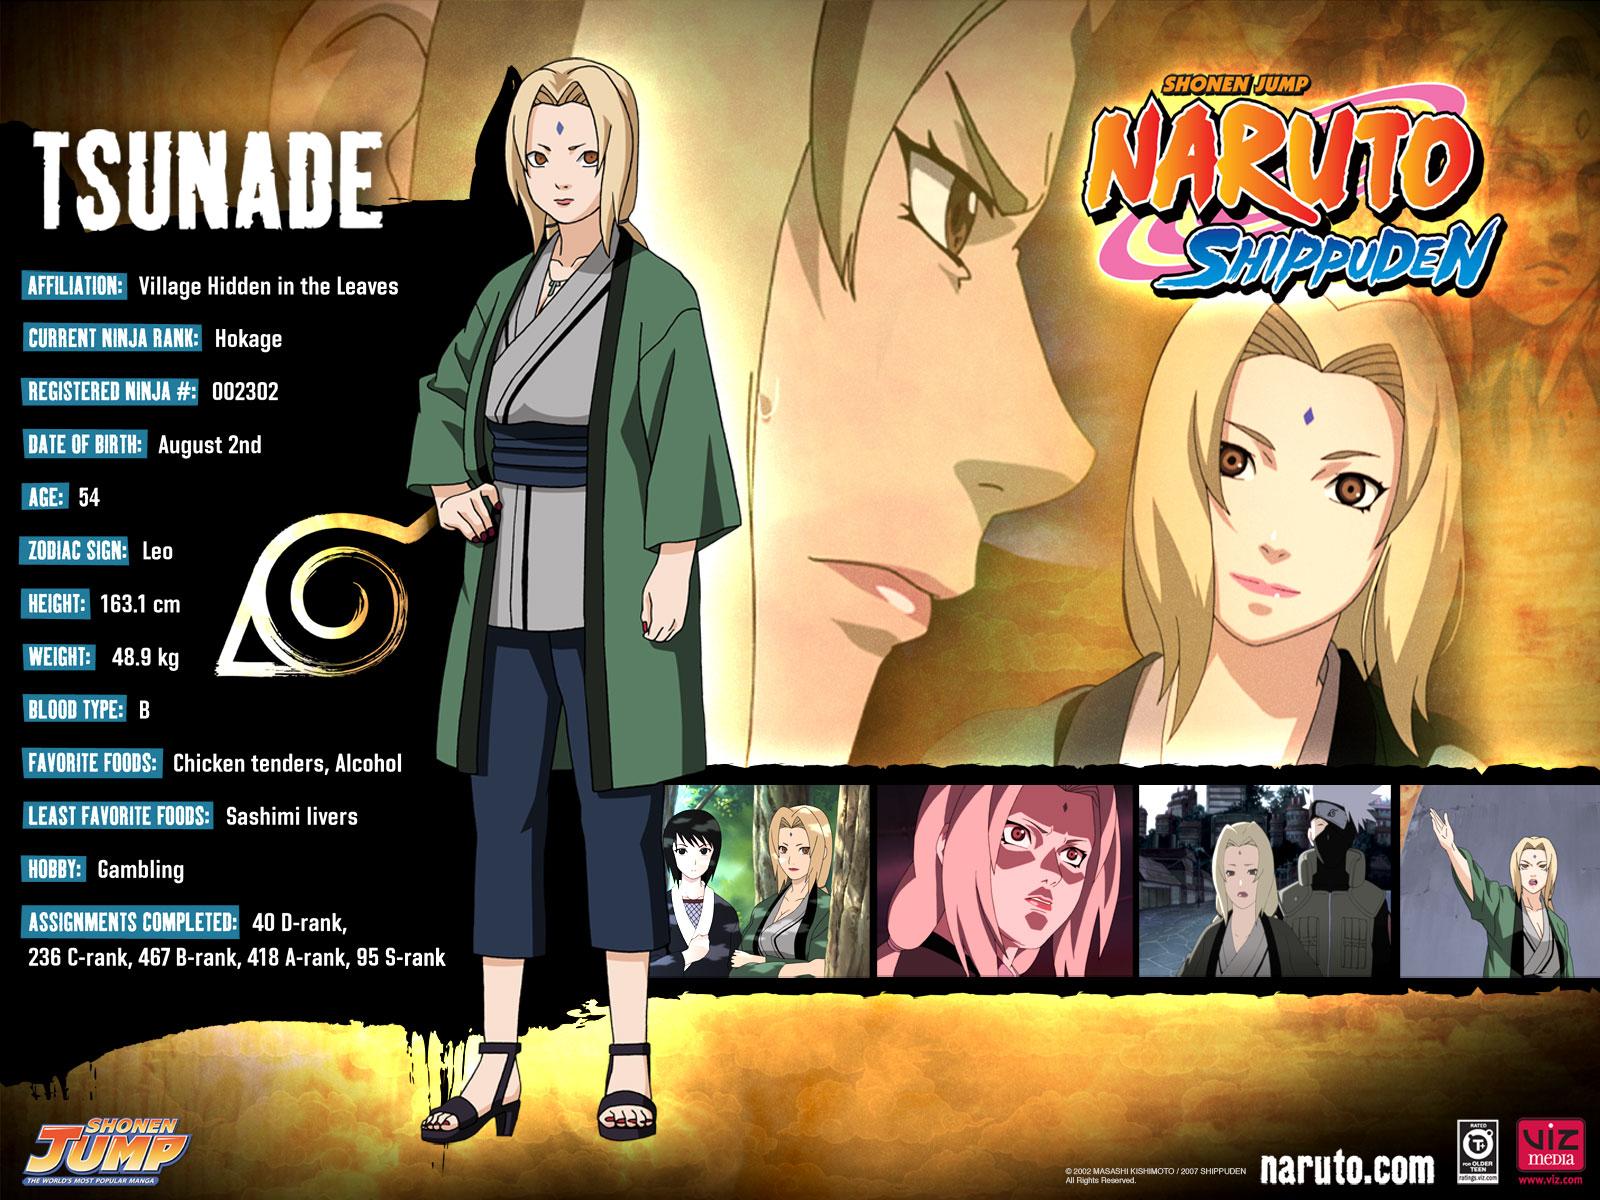 Pics Photos   2560x1600 Tsunade Naruto Shippuden Calendar 1600x1200